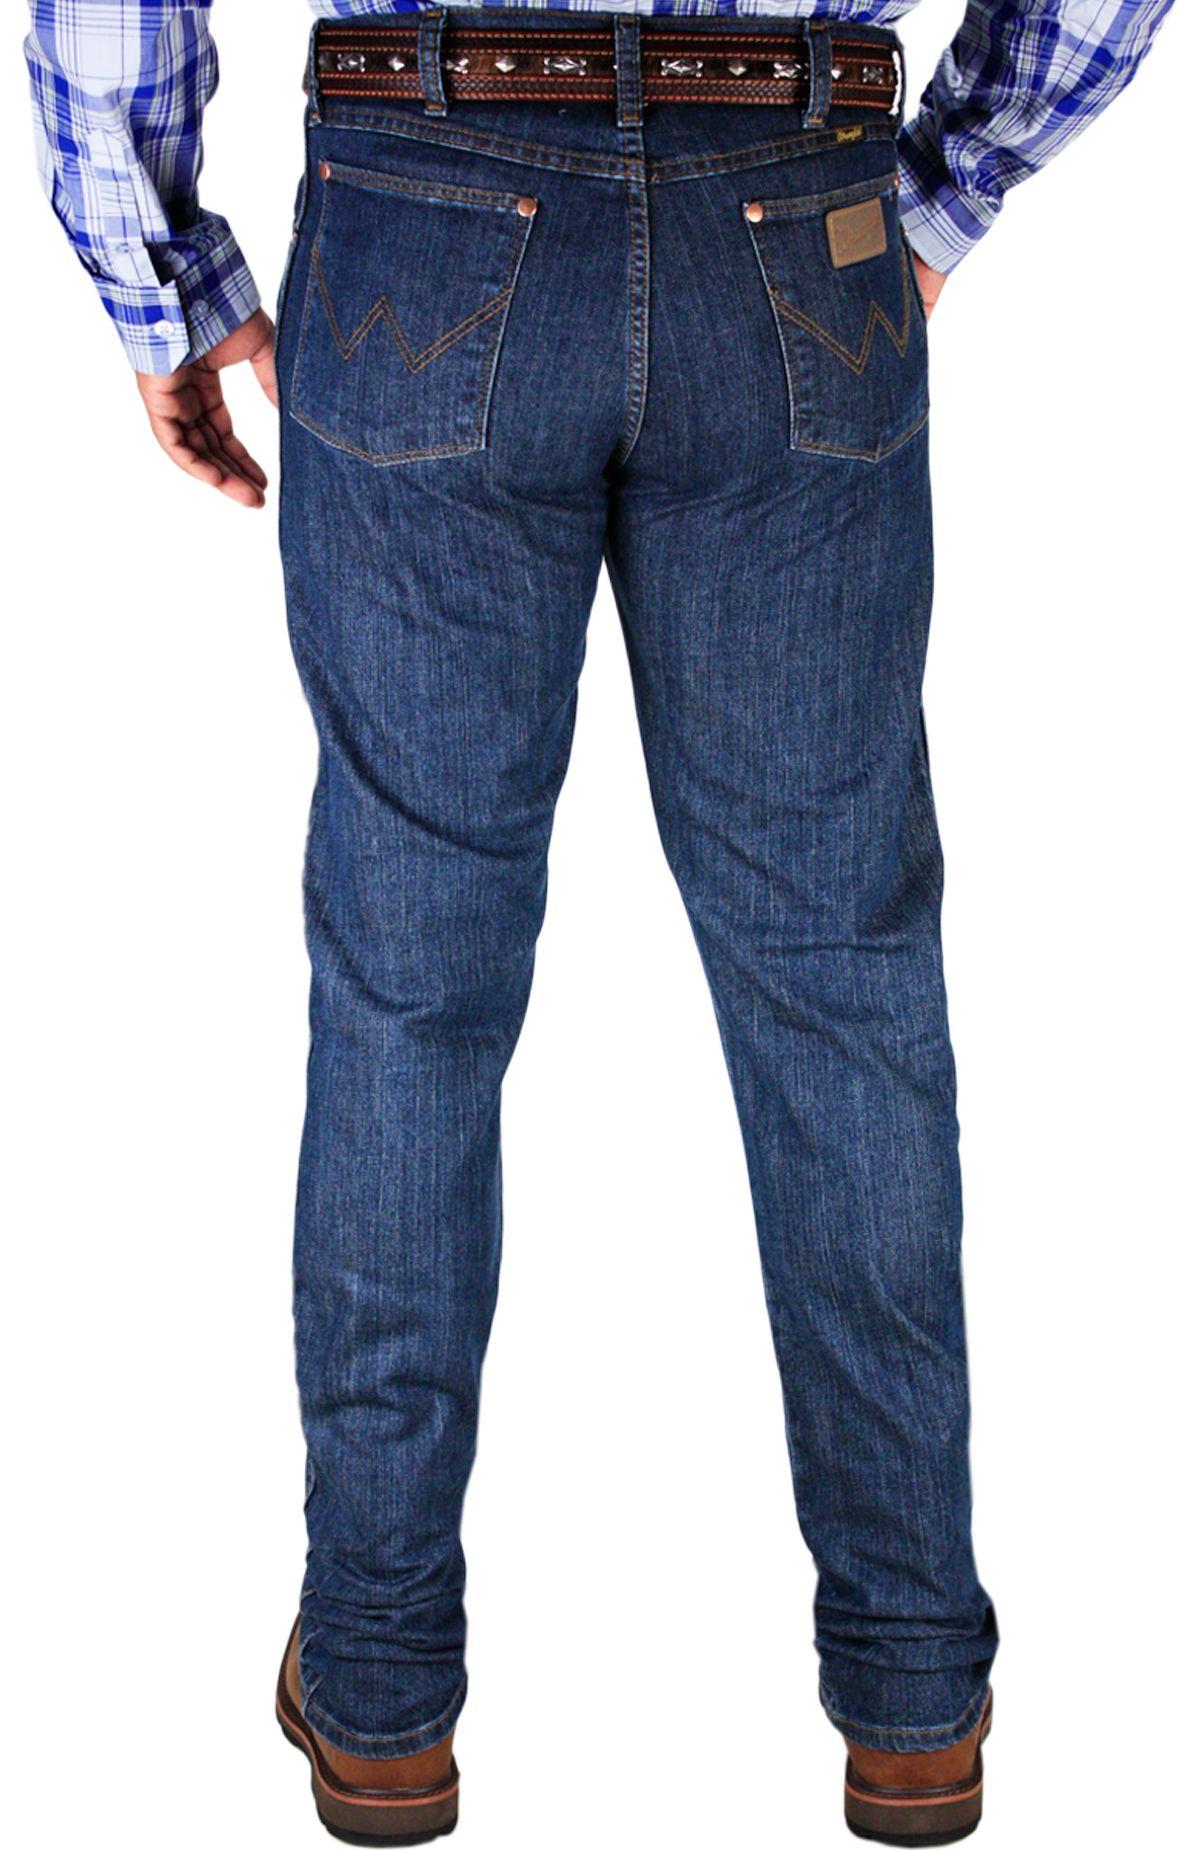 Calça wrangler Masculina Importada Cowboy Cut Original Fit Stonada Calça  jeans Wrangler masculina Importada do México.Confeccionada em … 1ab8f93e100